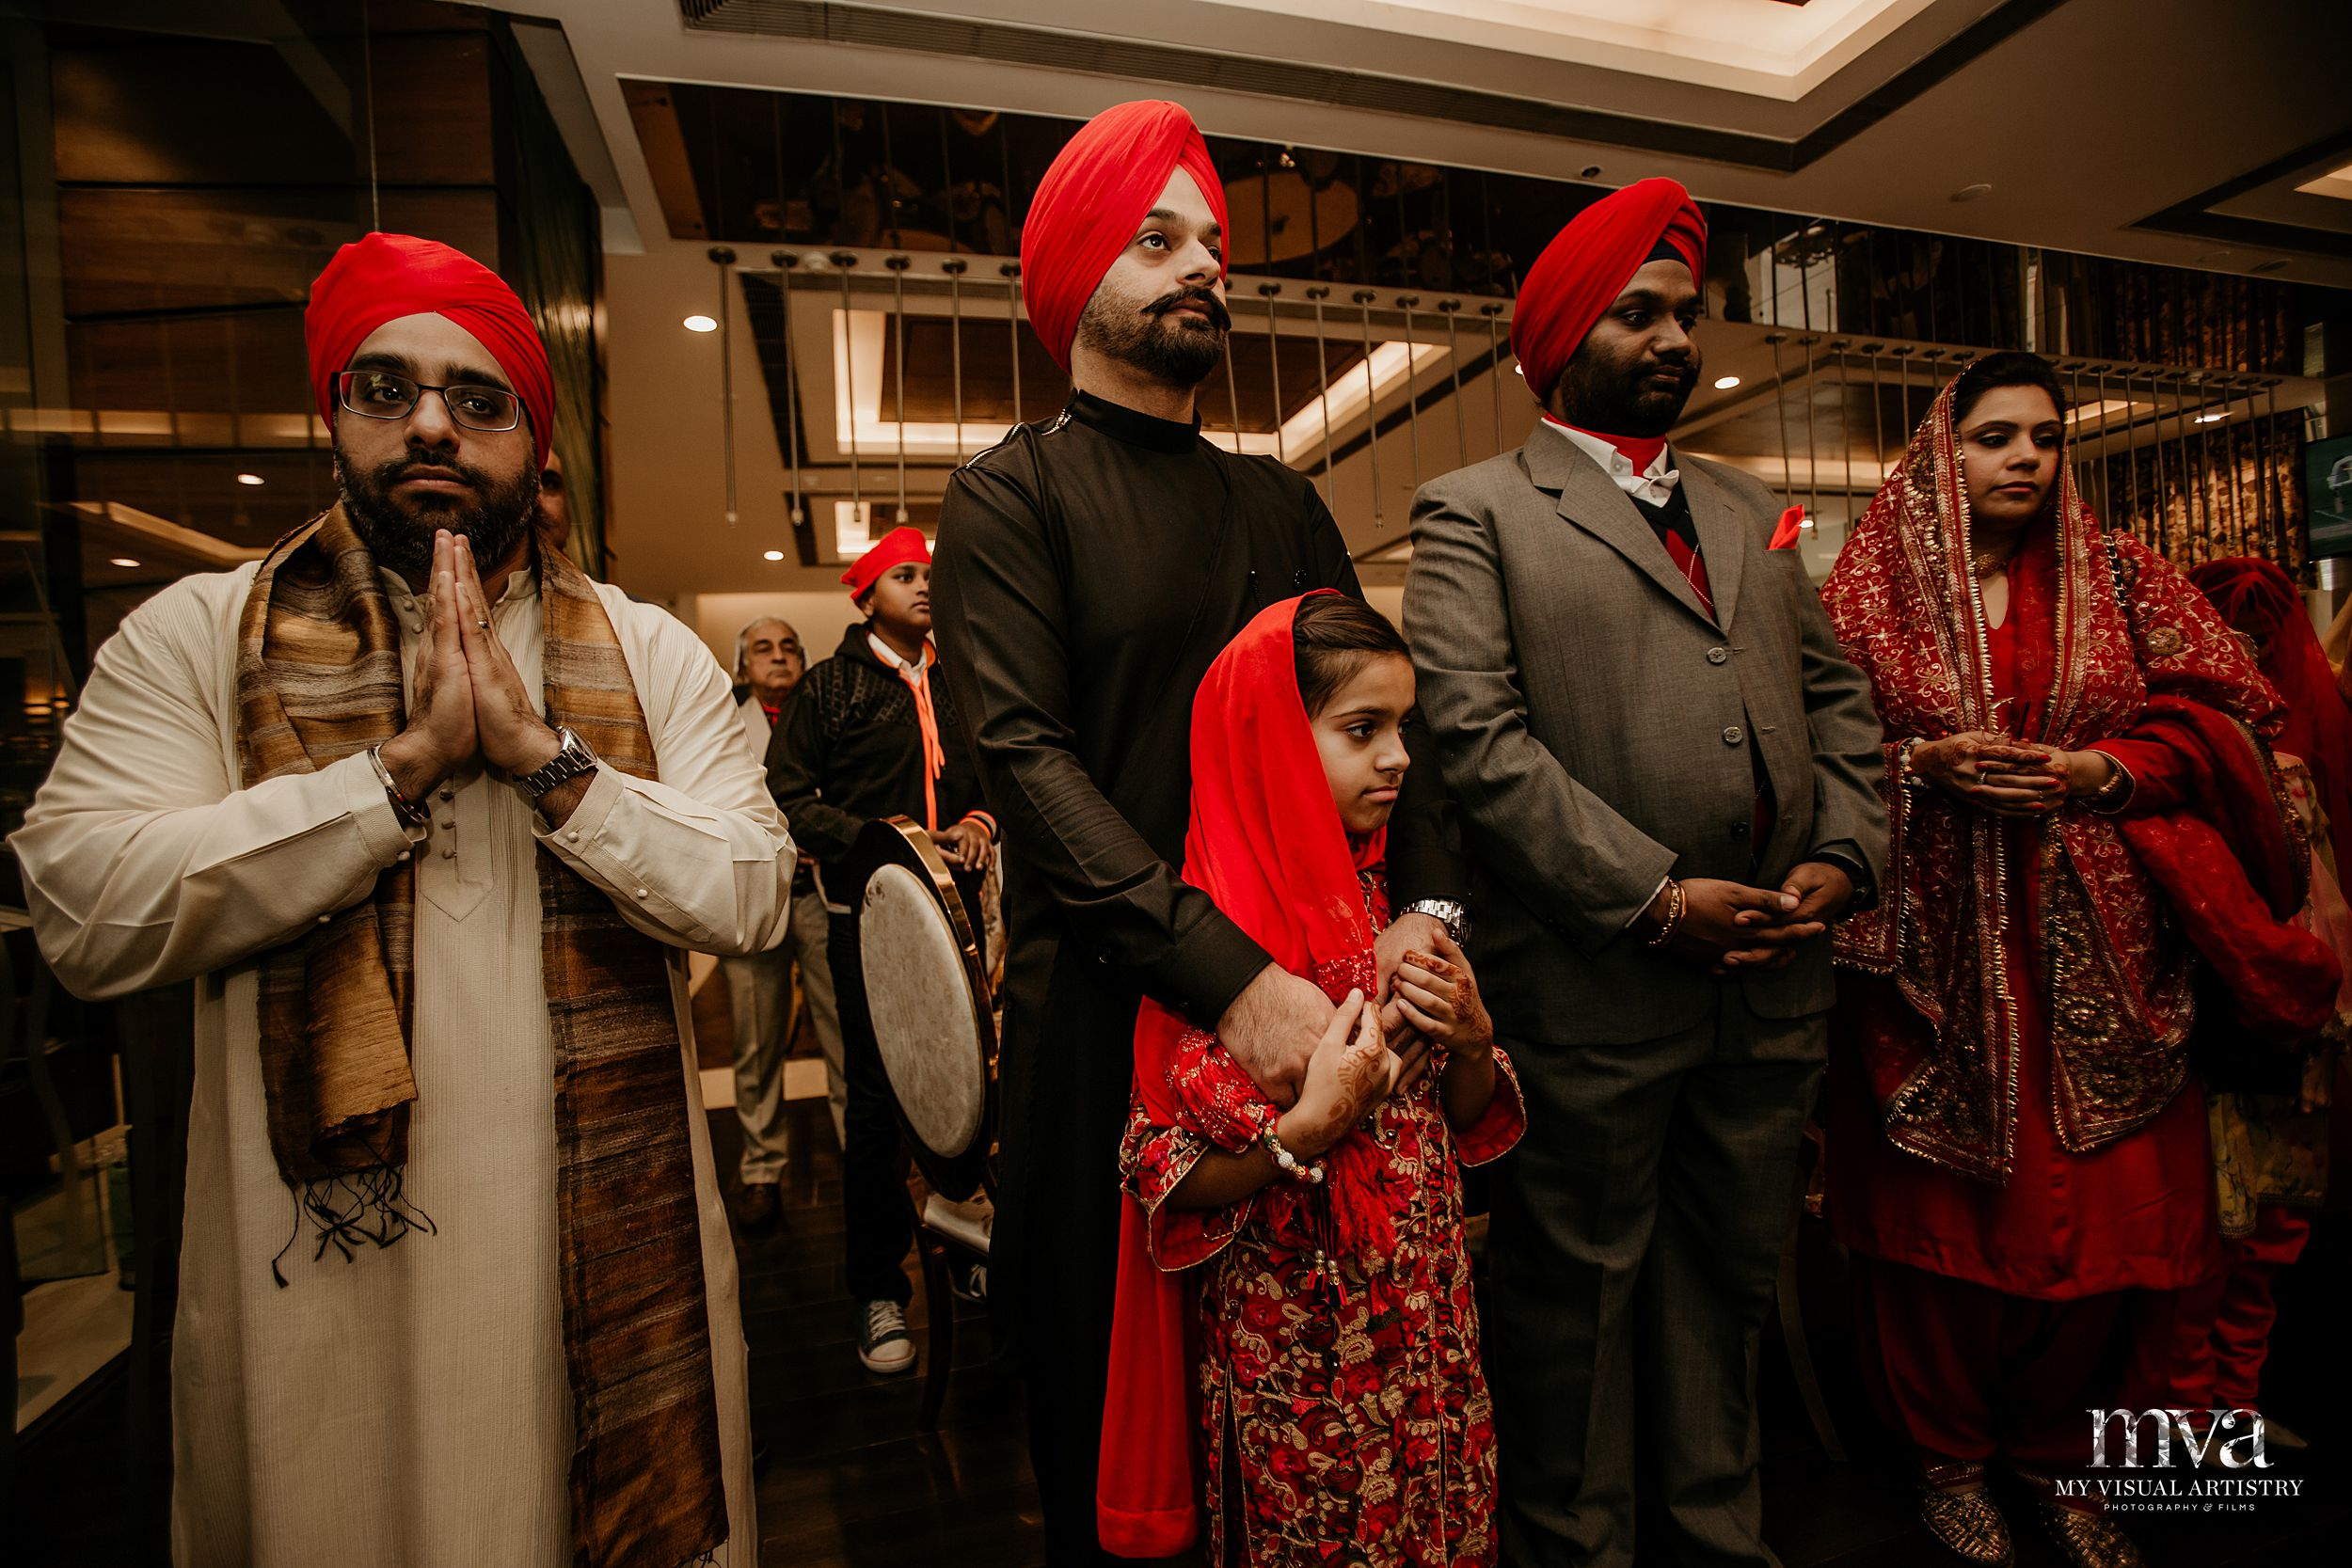 anant_arundhati_myvisualartistry_mva_wedding_sikh_ - 239.jpg